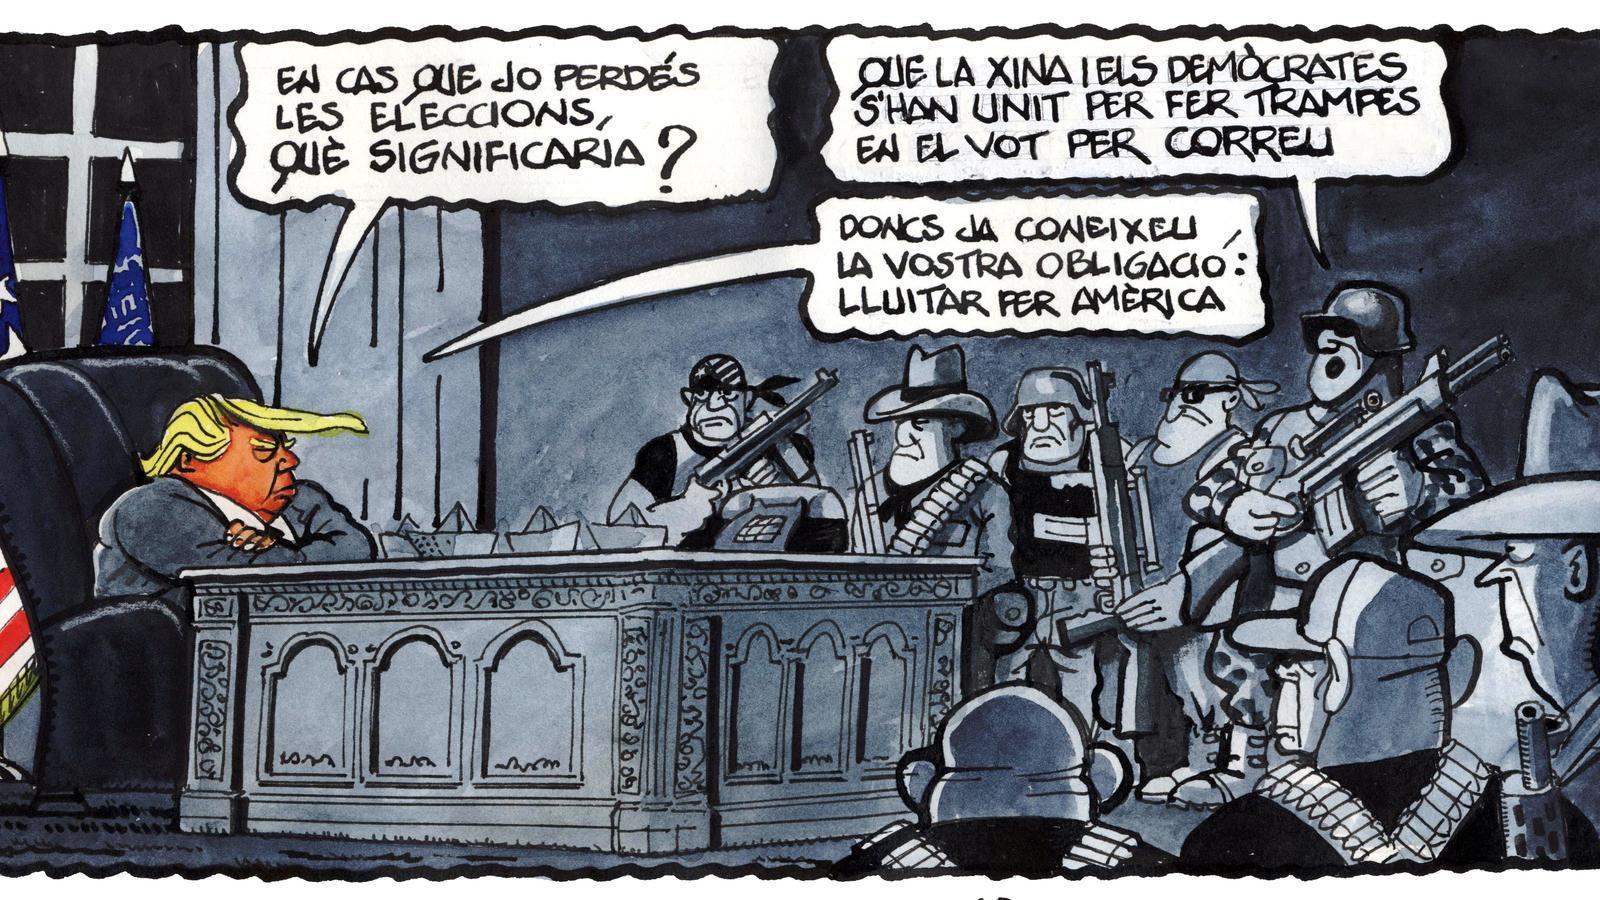 'A la contra', per Ferreres 18/10/2020